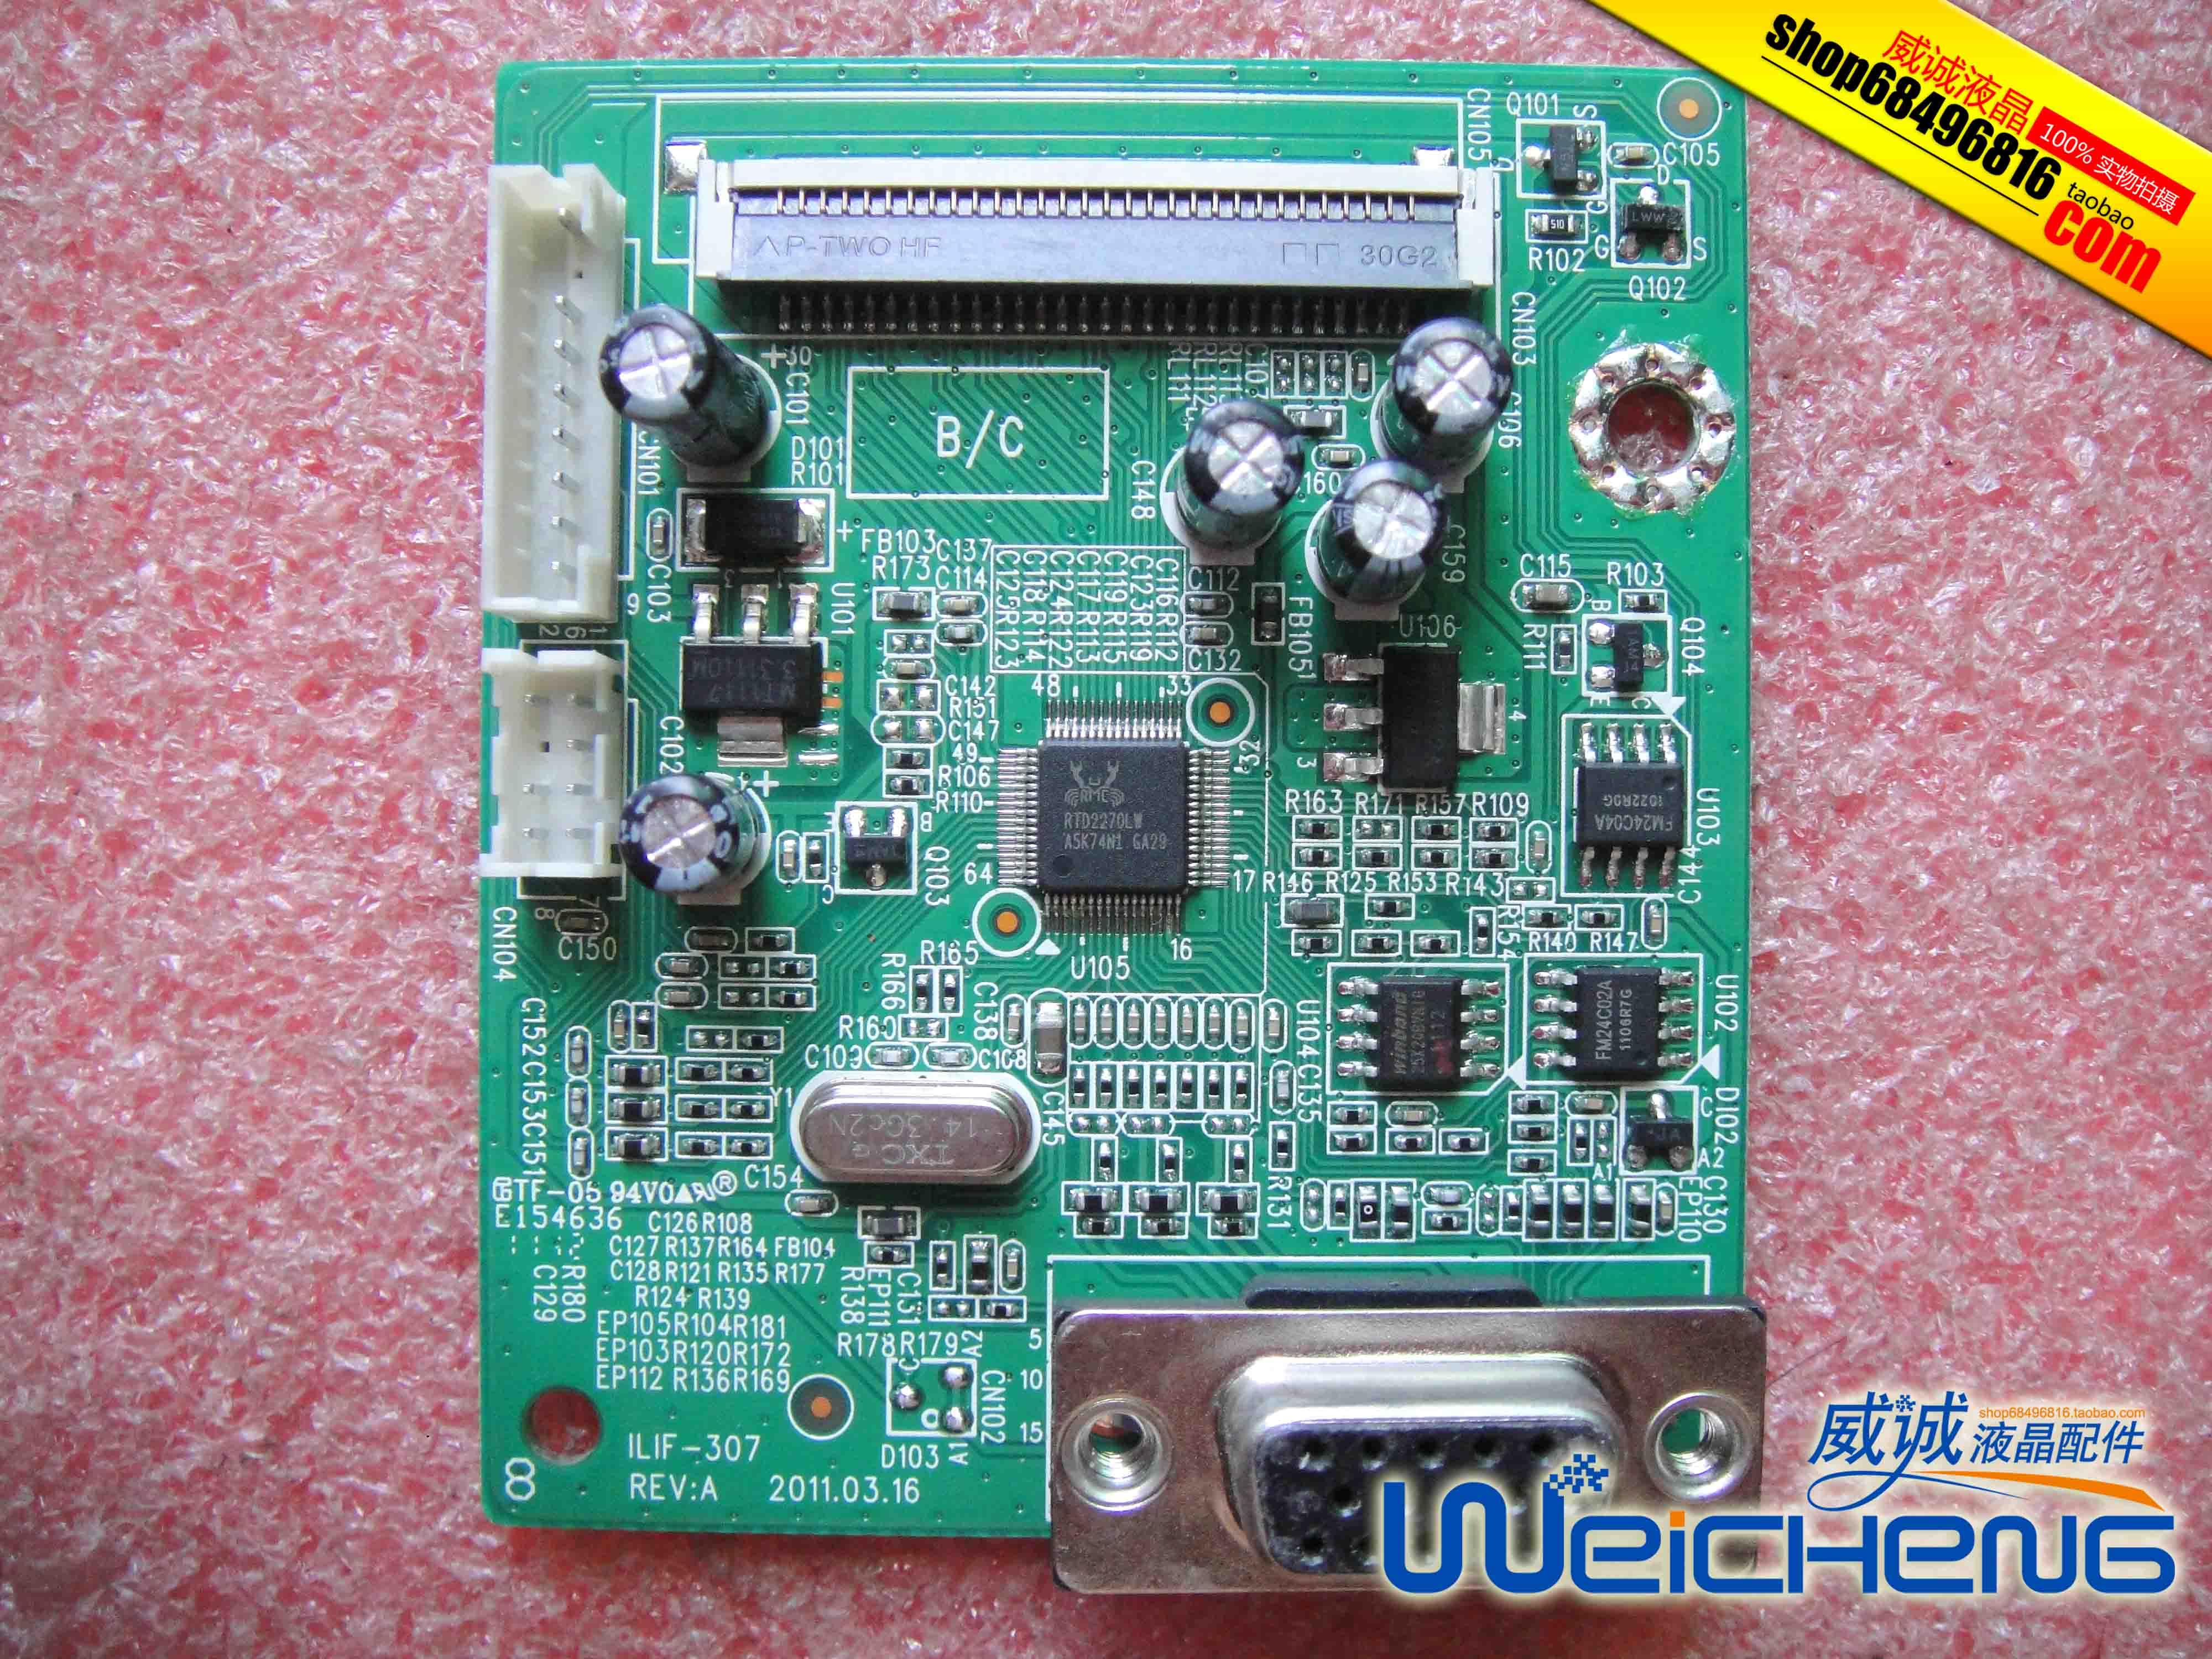 ML208D-C مجلس سائق اللوحة ILIF-307 492A016D1300R